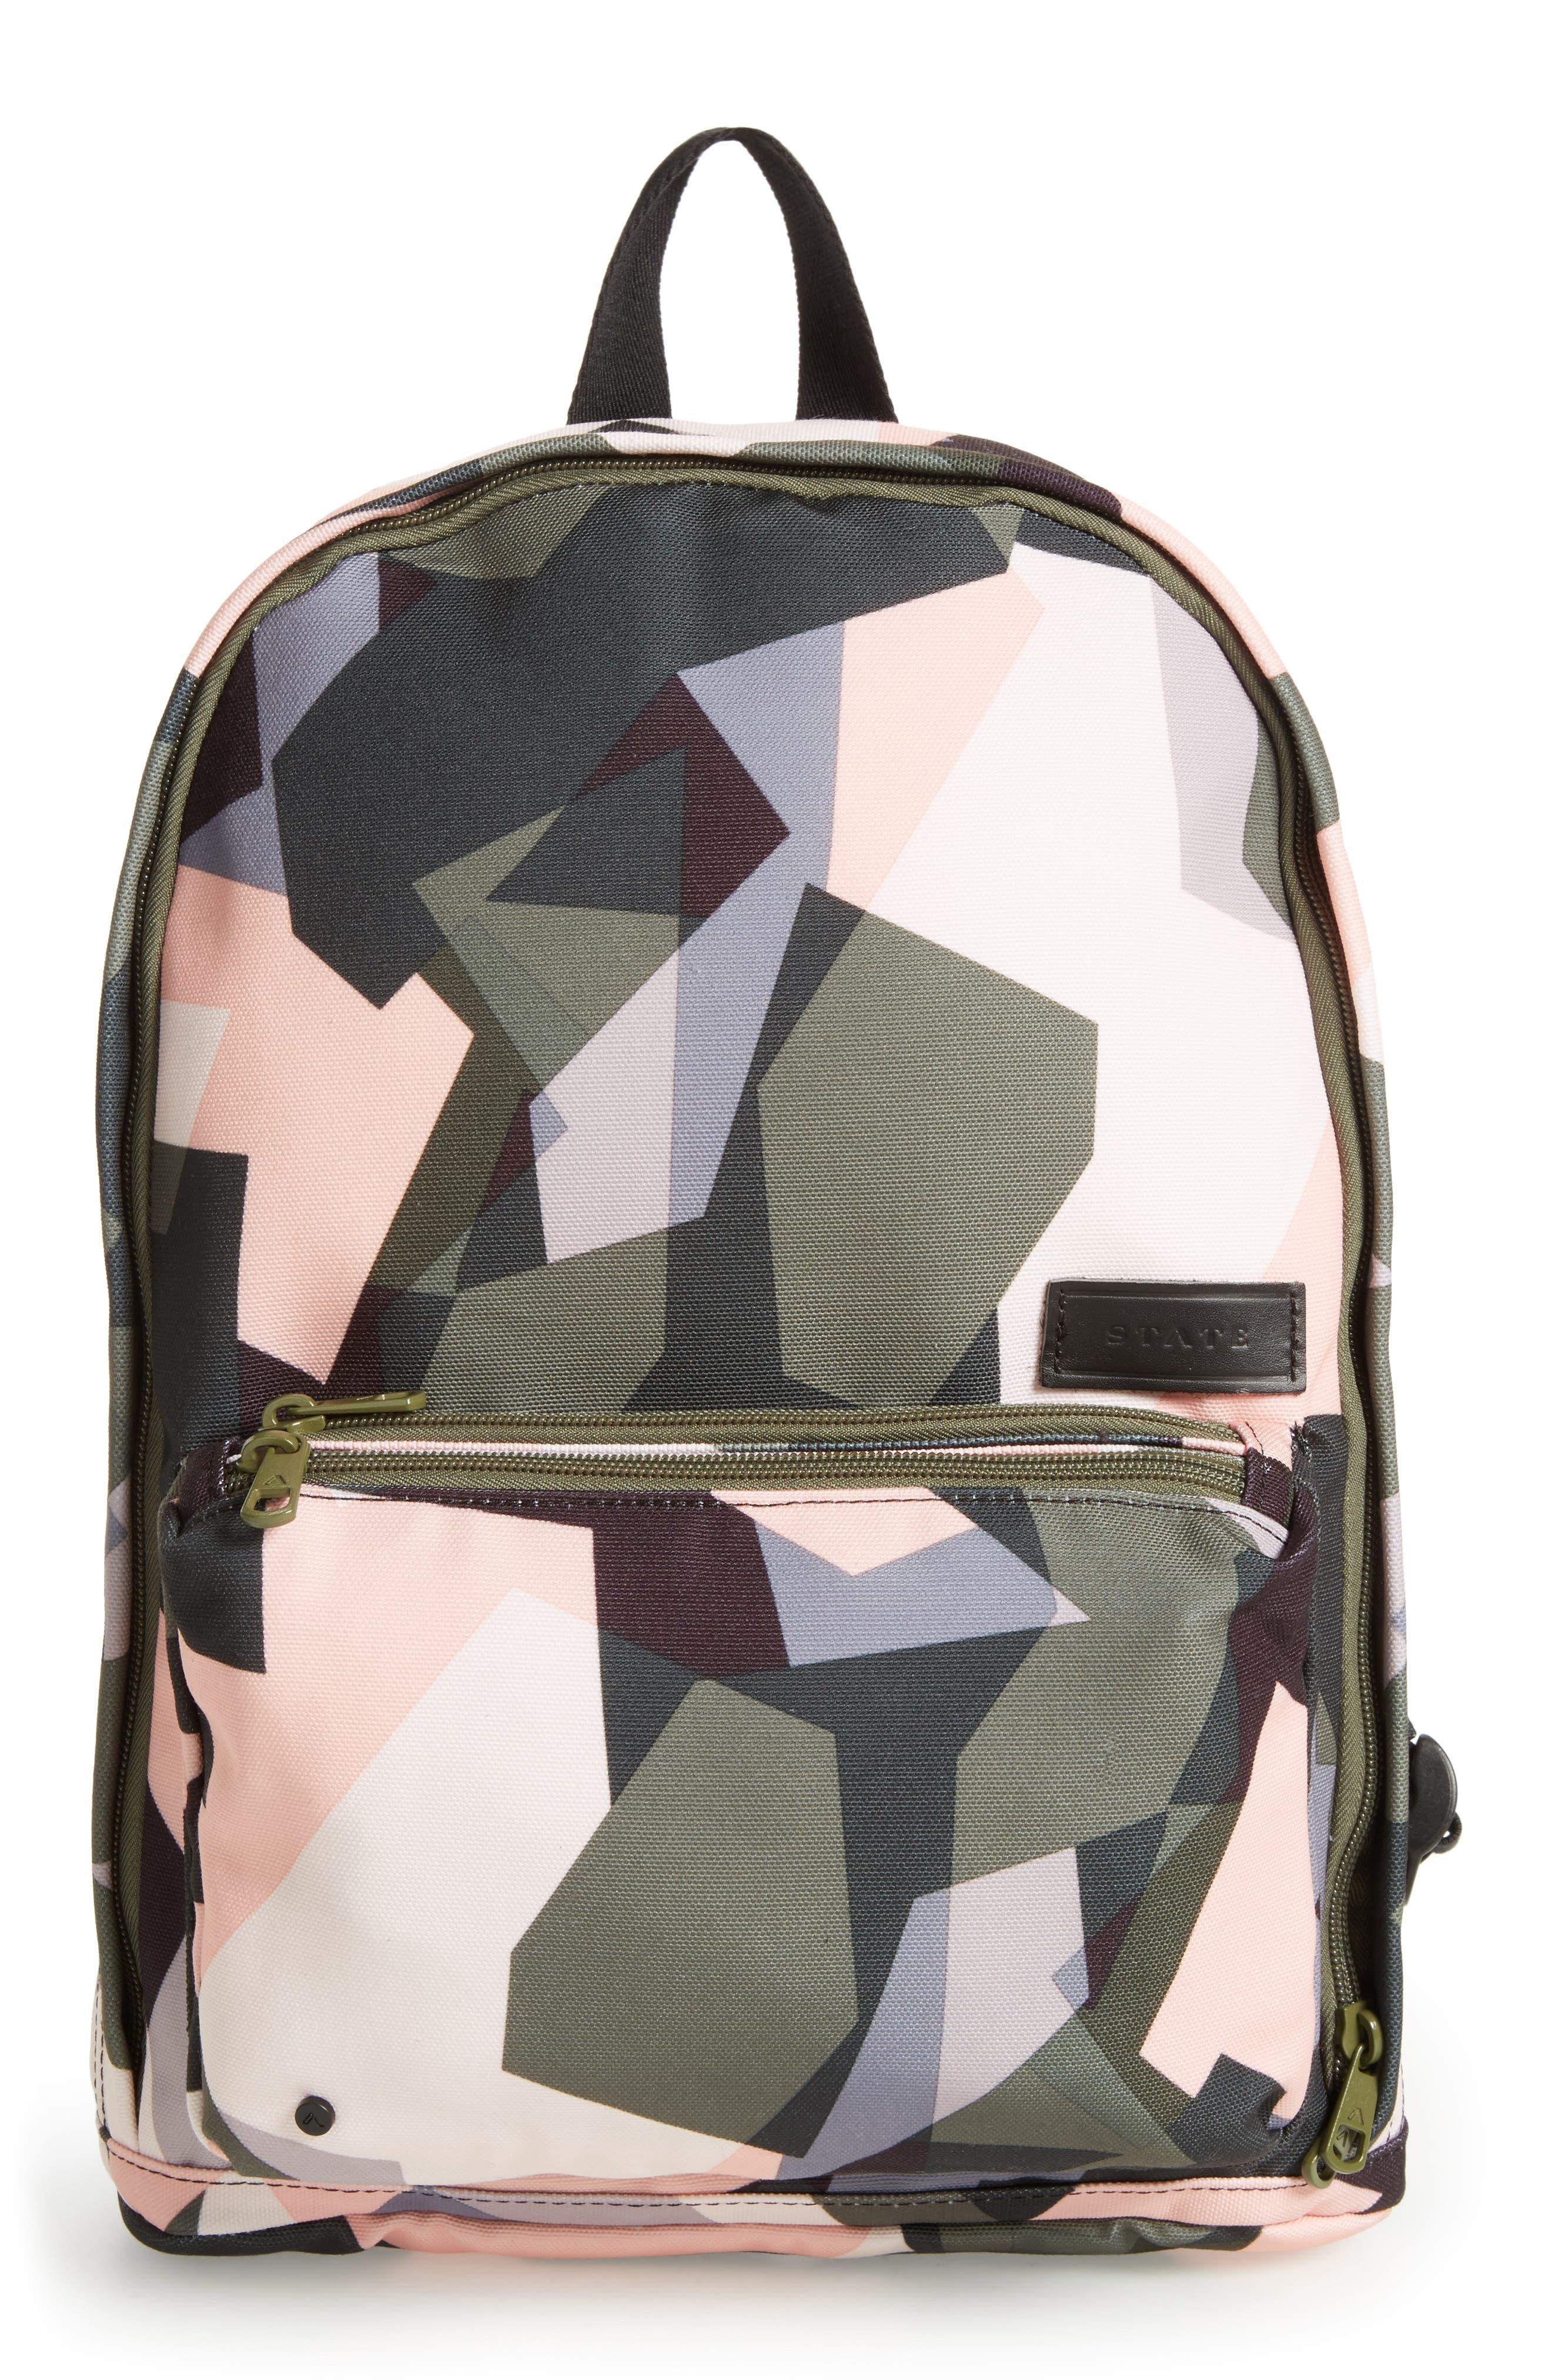 Alternate Image 1 Selected - STATE Bags Kensington Slim Lorimer Backpack